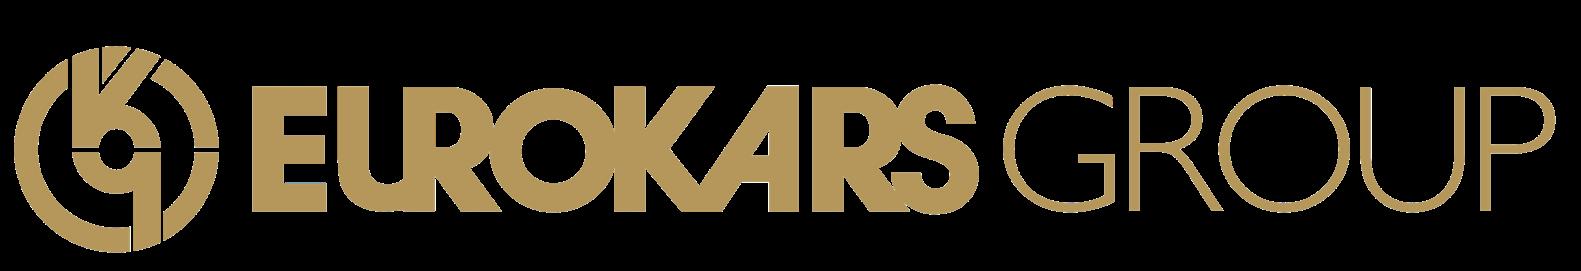 Eurokars Group logo